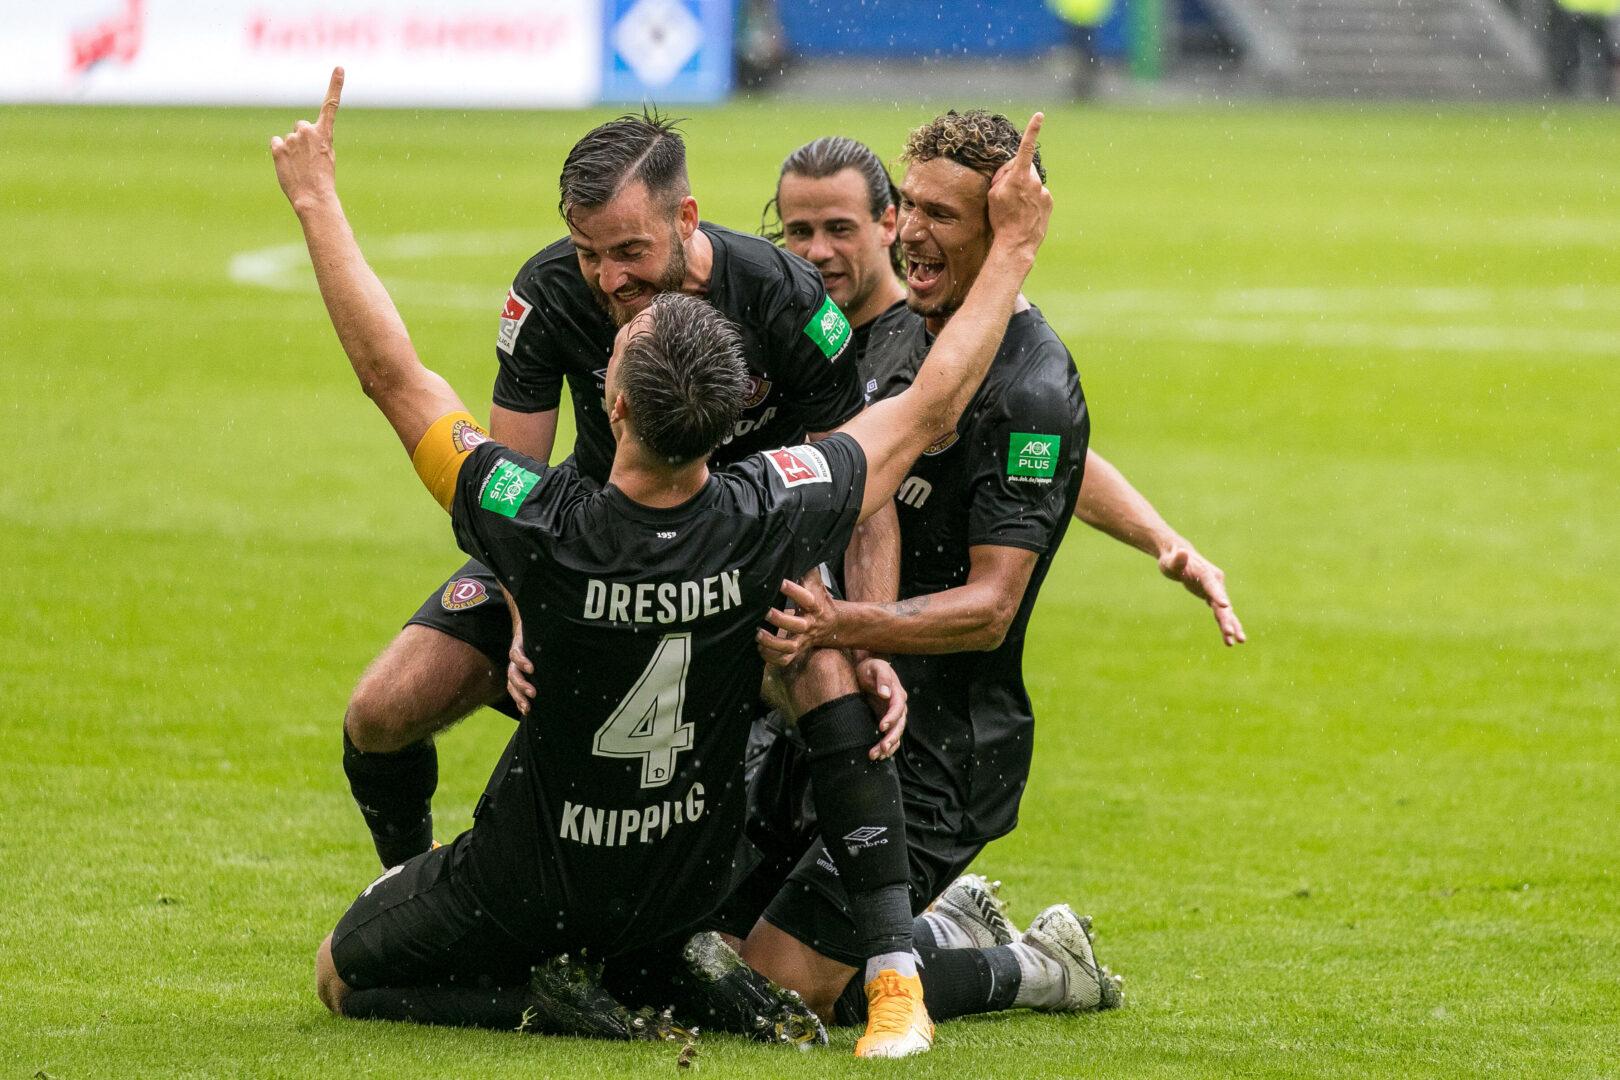 Vorschau DFB-Pokal: Der Freitag u.a. mit 1860 und Dresden